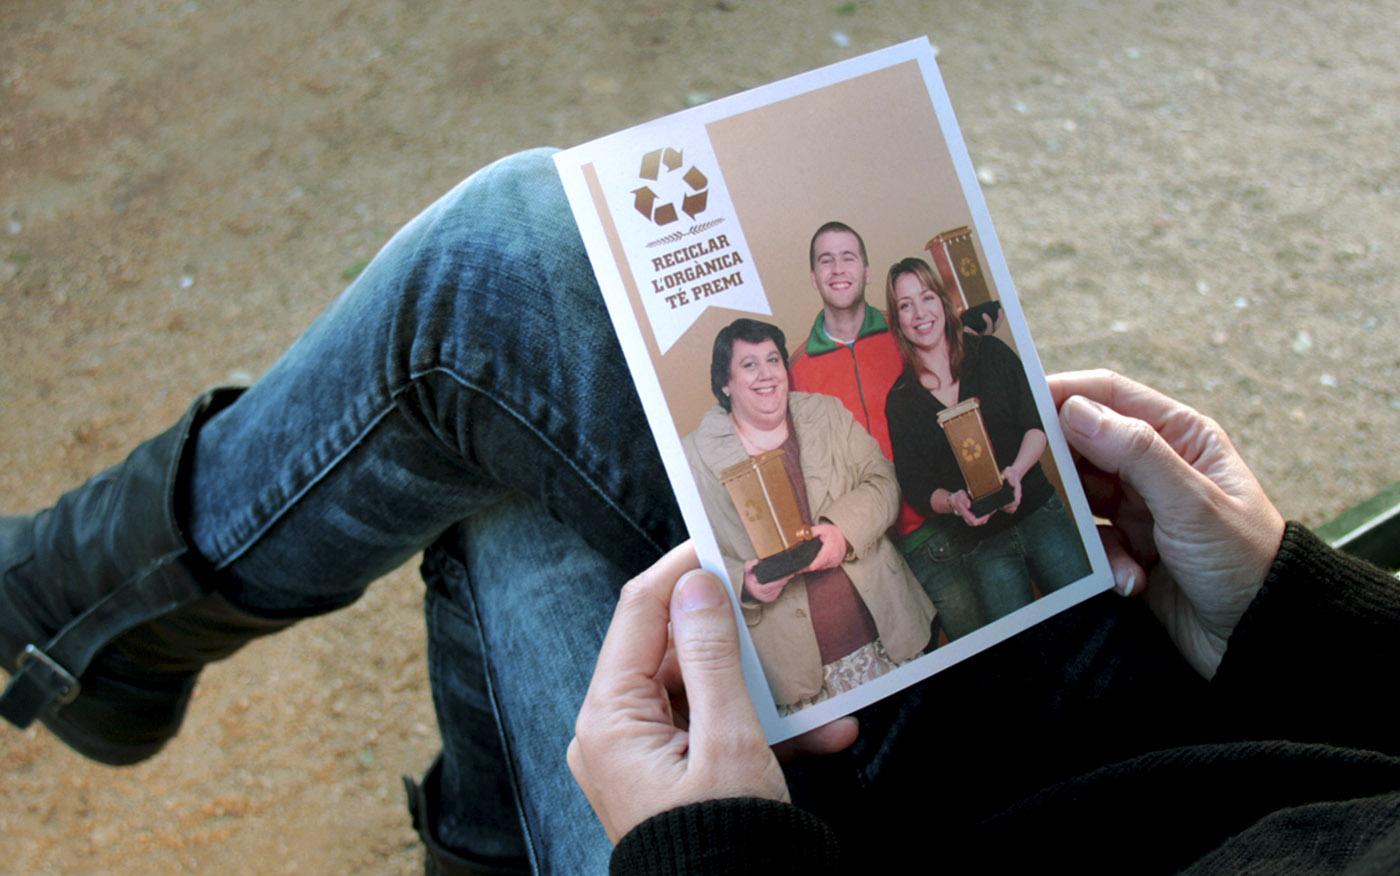 campanya-creartiva-disseny-barcelona-ajuntament-sant-just-publicitat